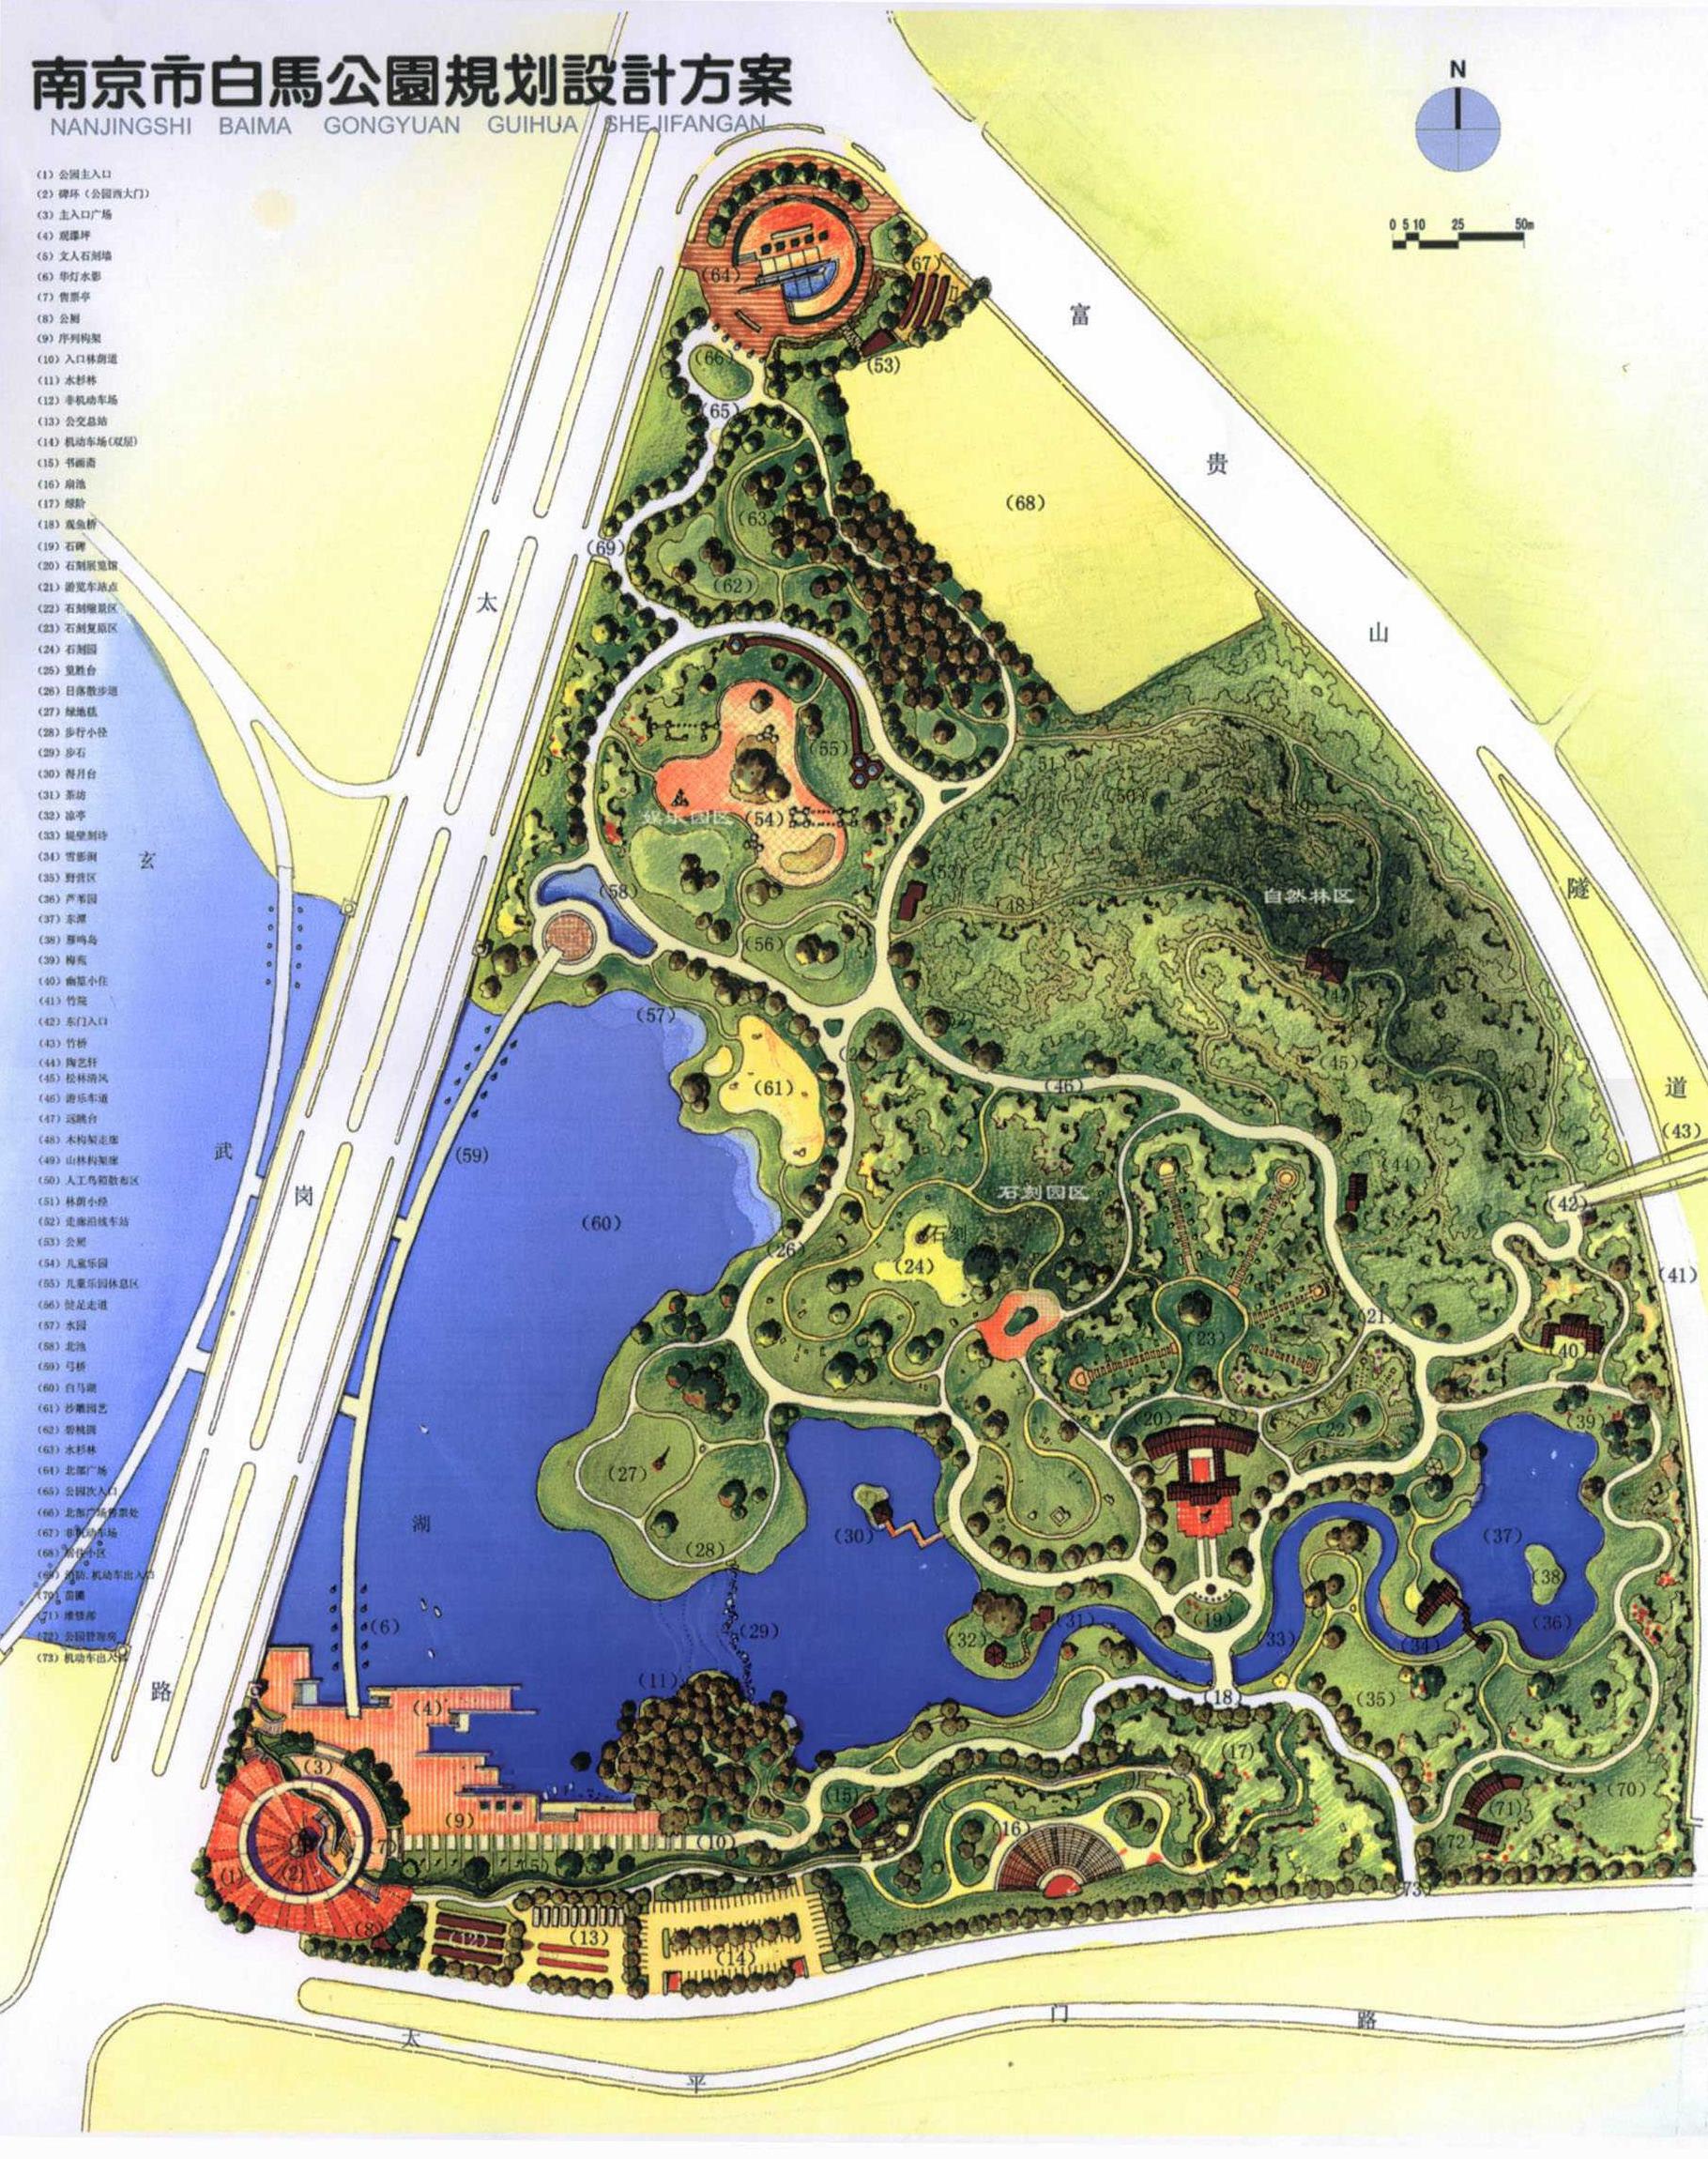 图纸规划图片_公园规划公园图纸护手质刺尖钴图纸分享图片